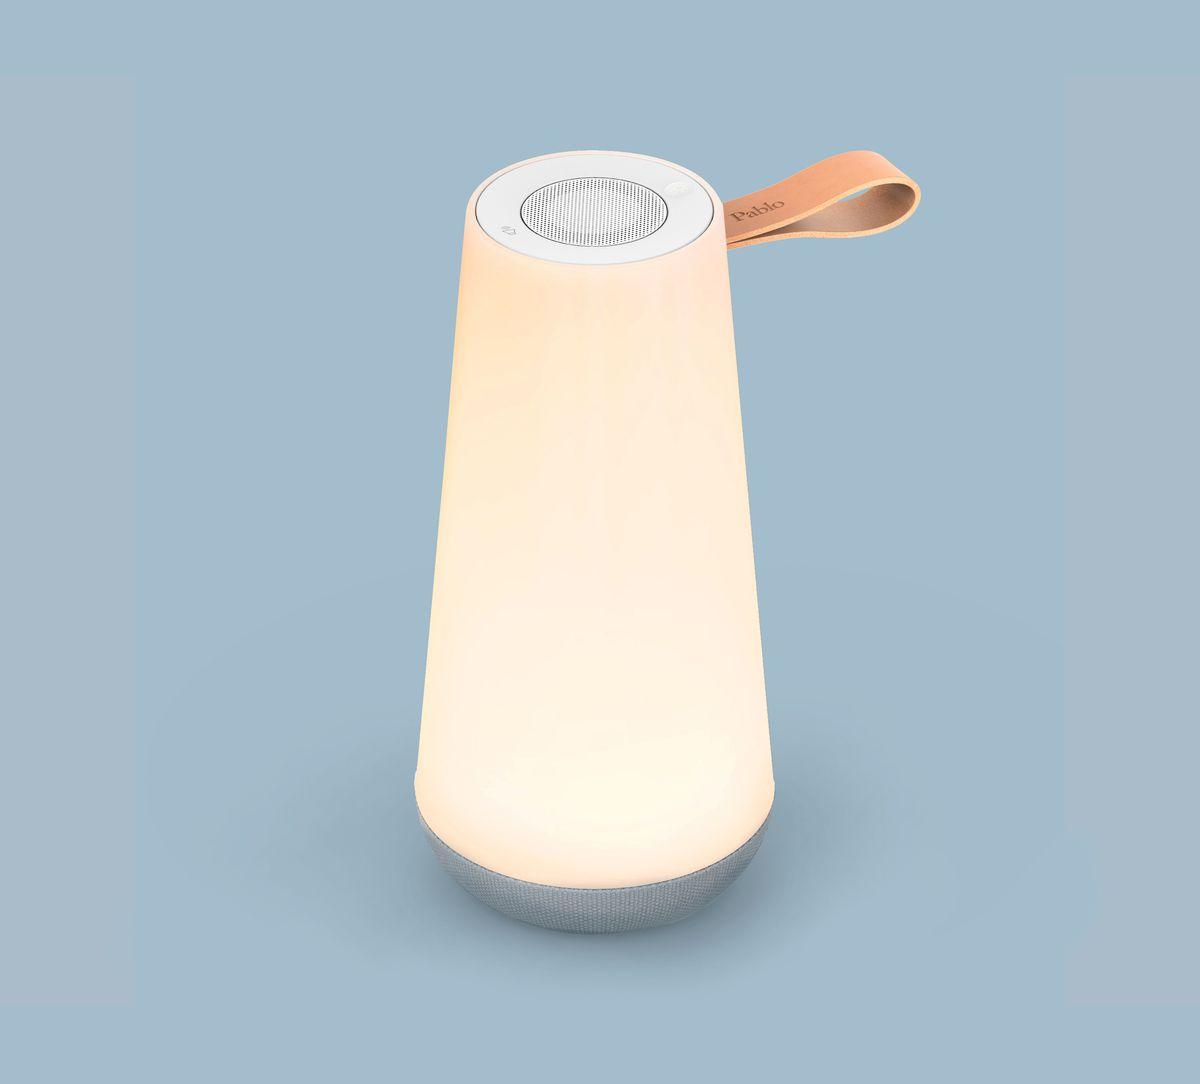 Summer 2021, Smart Home, smart light/speaker